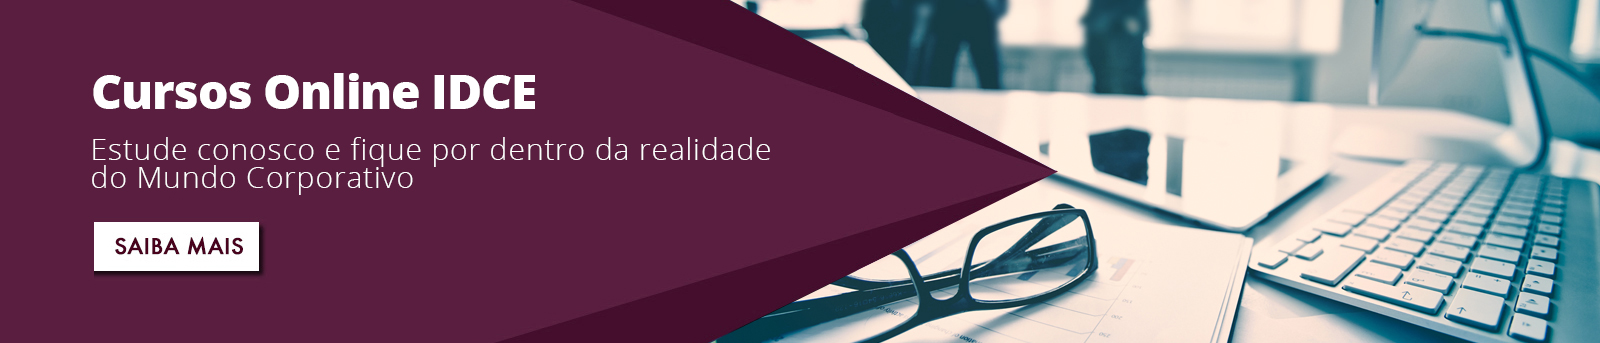 Cursos Online IDCE